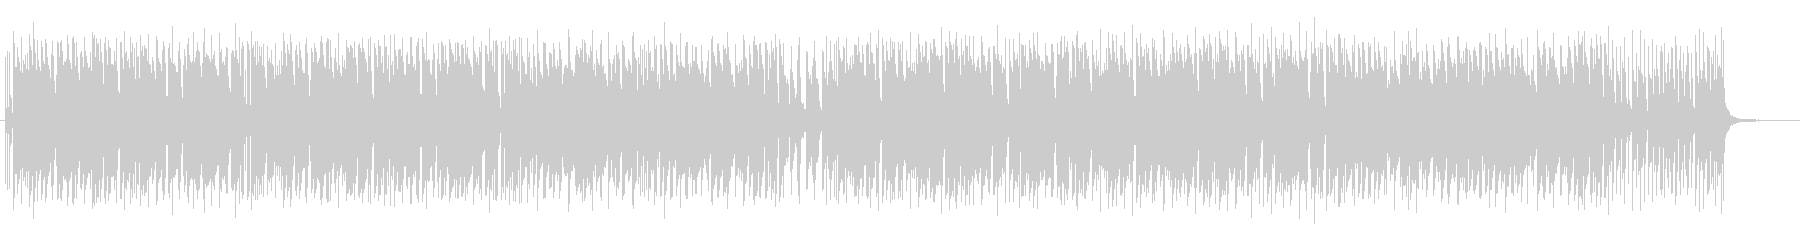 まったりした日常感のあるピアノ曲の未再生の波形